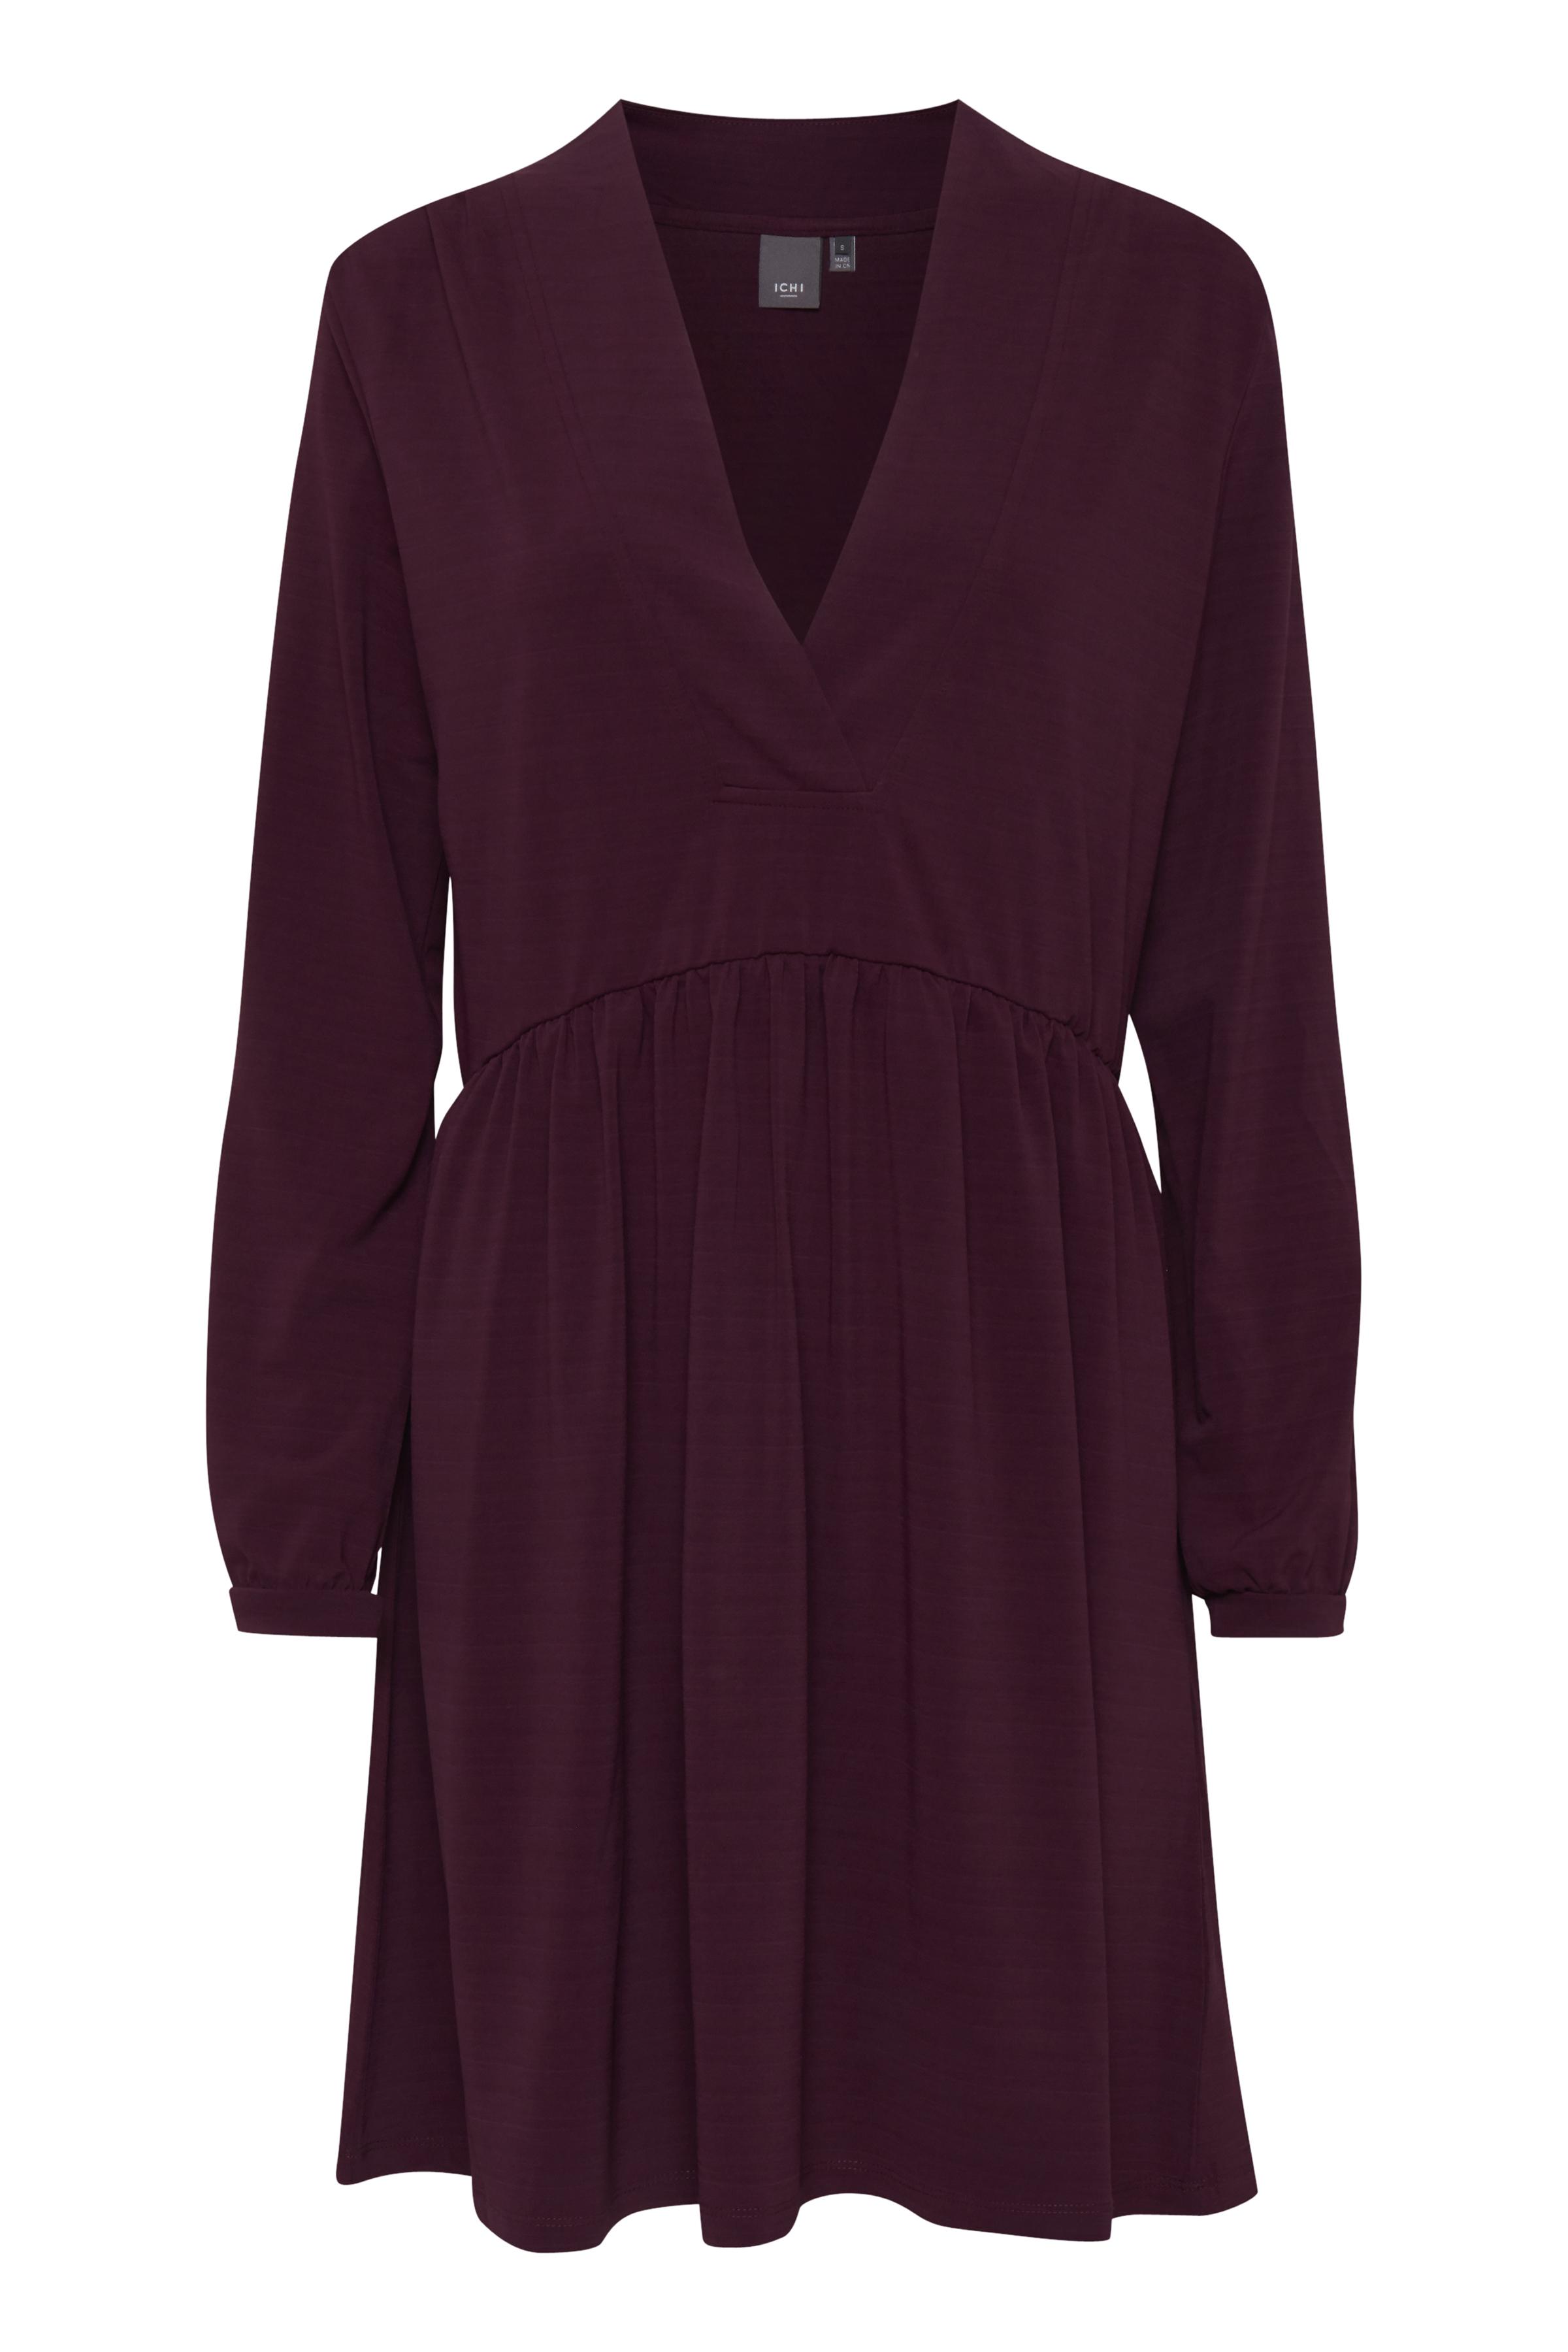 Ichi Dame Jersey jurk - Winetasting